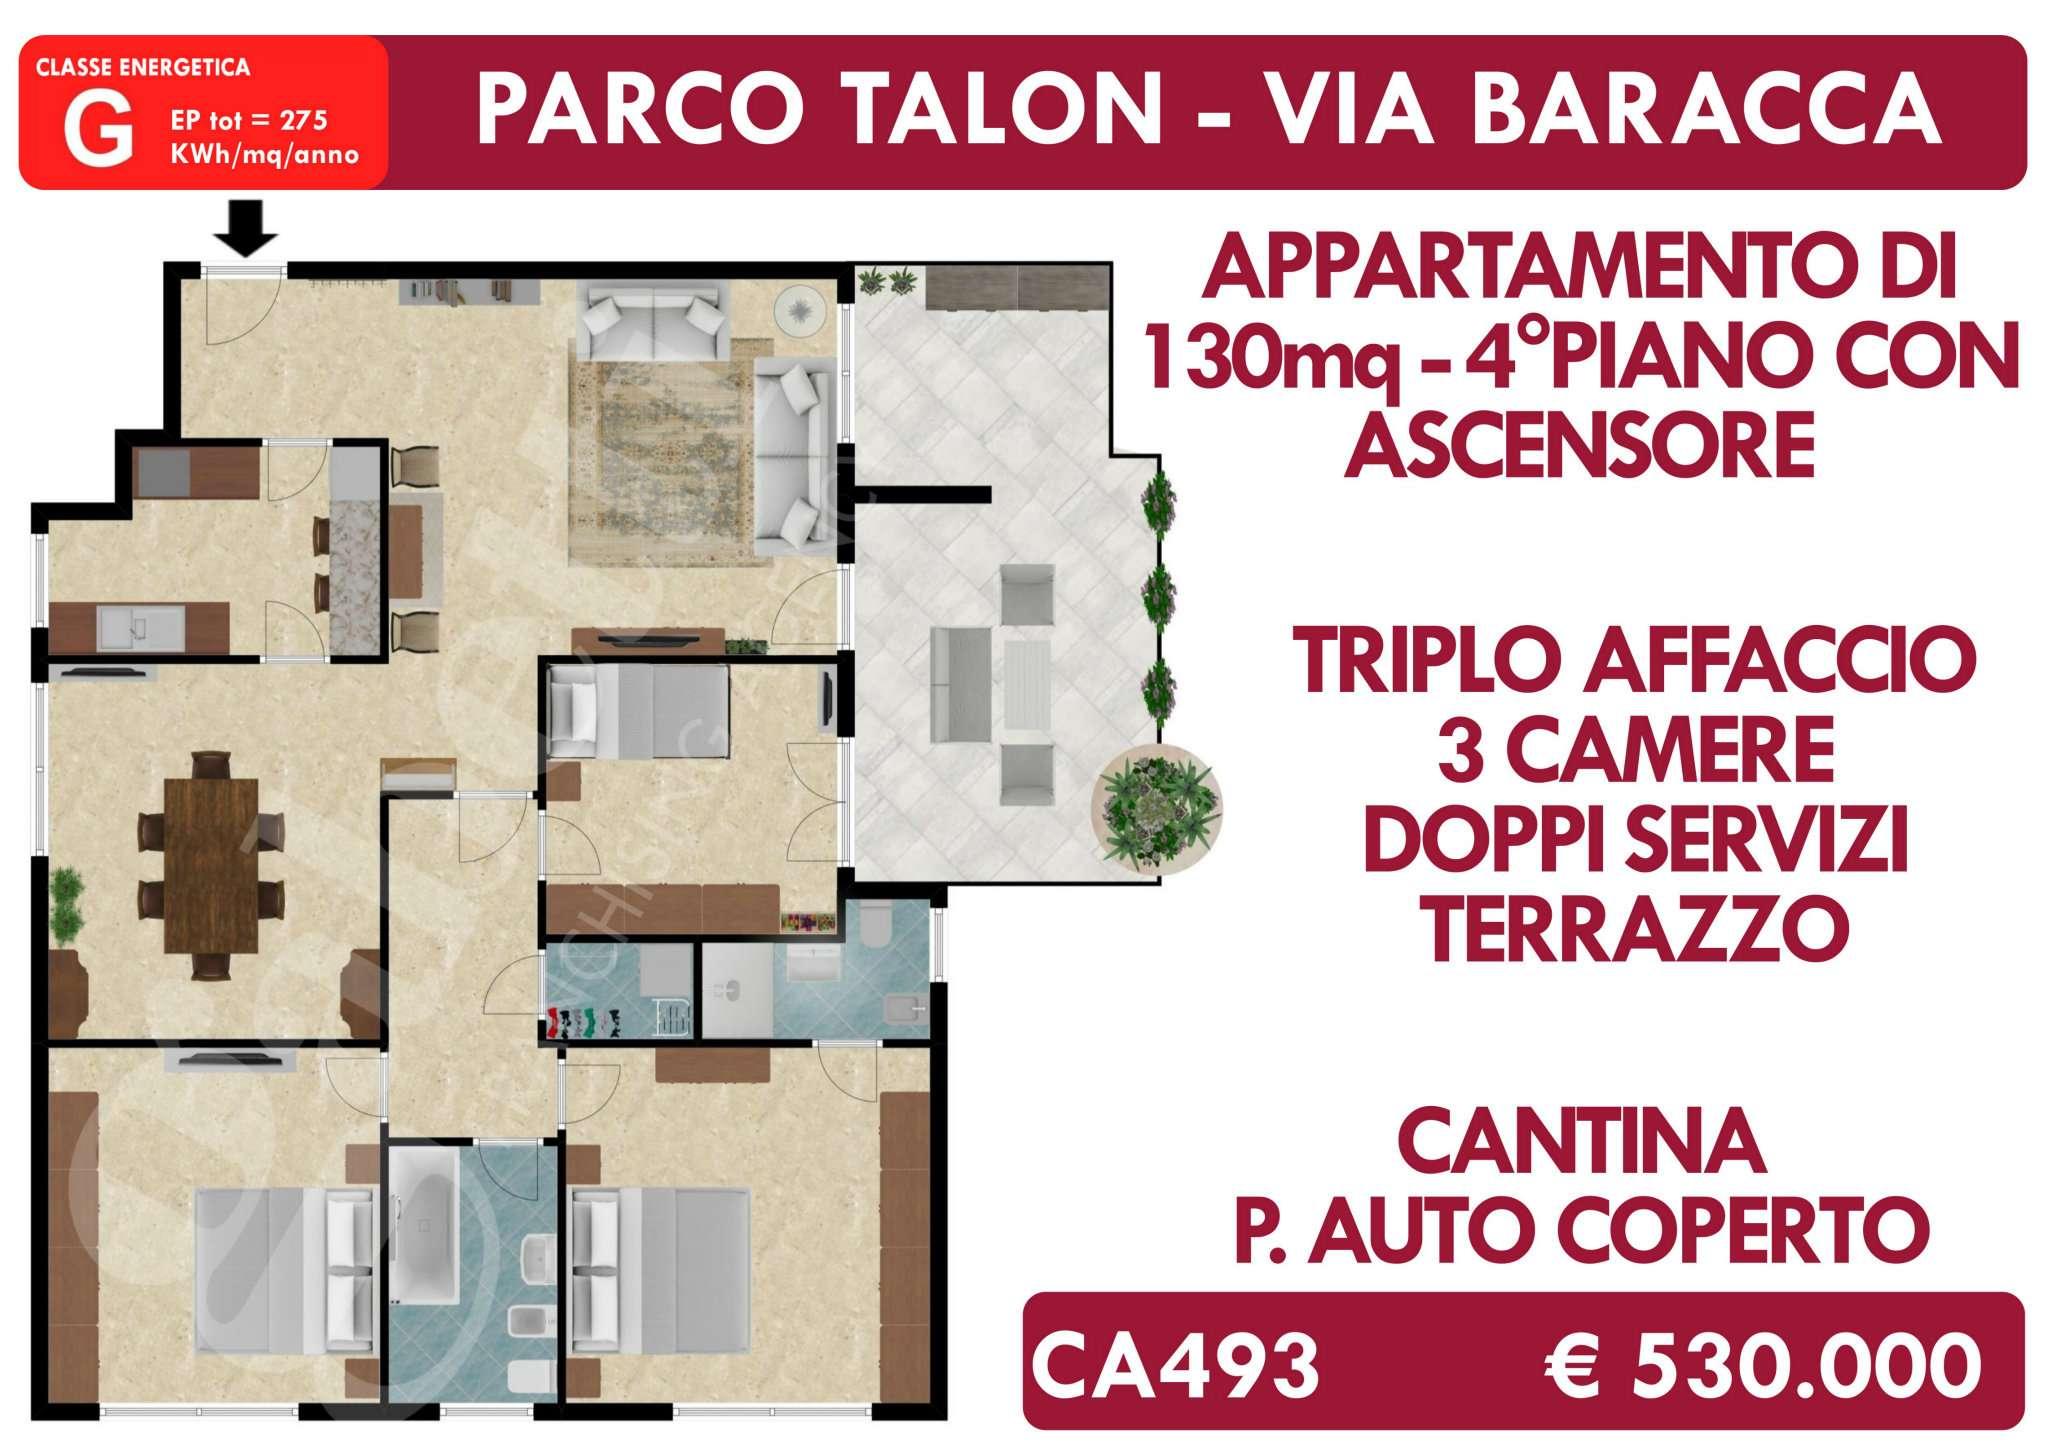 Appartamento in vendita a Casalecchio di Reno, 6 locali, prezzo € 530.000 | PortaleAgenzieImmobiliari.it